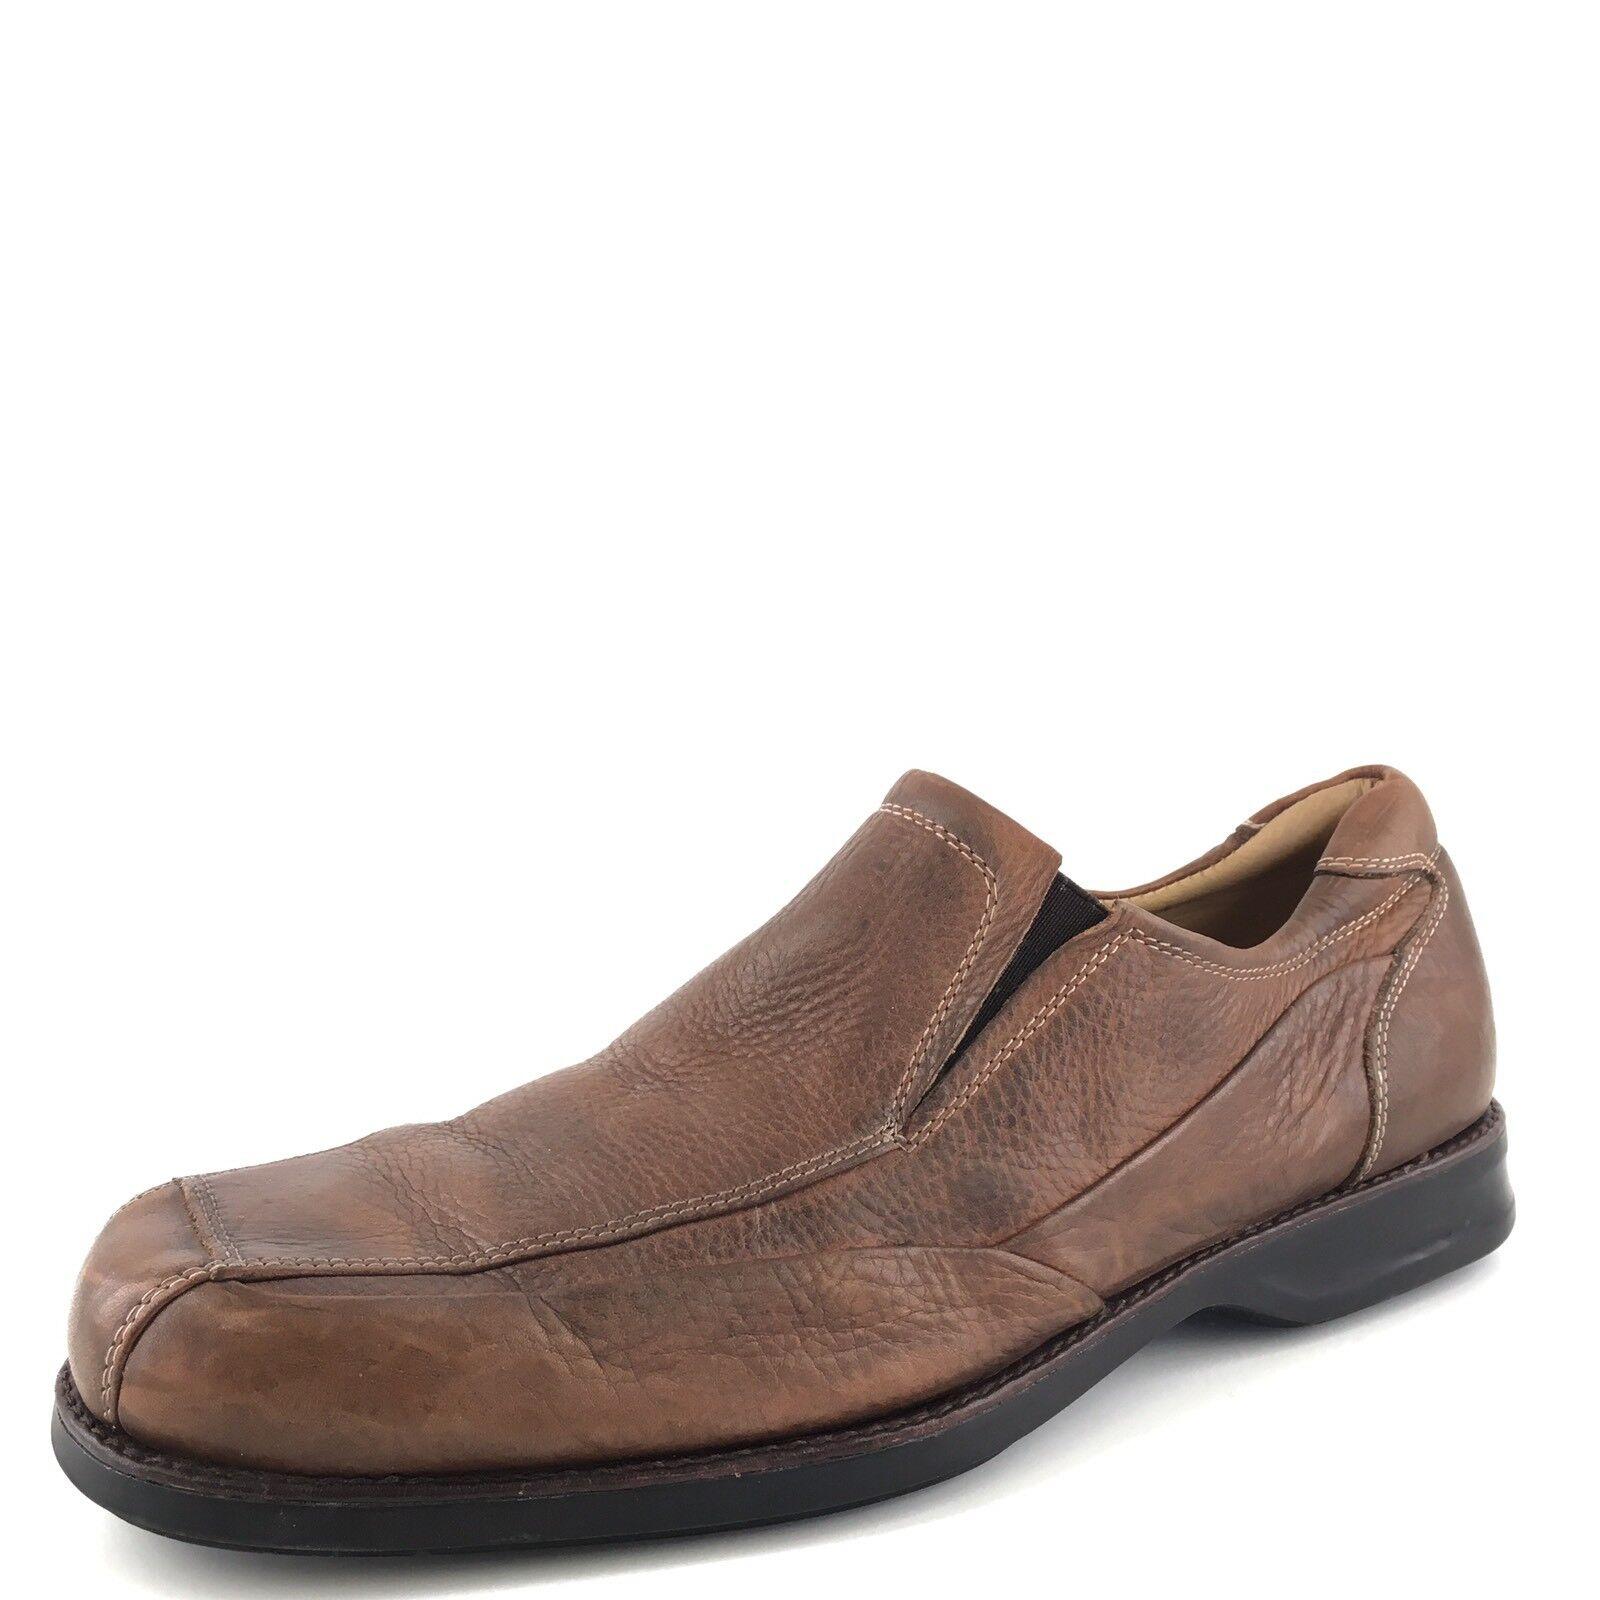 vendite calde Johnston Murphy Marrone Leather Slip On Dress Loafers Uomo Dimensione Dimensione Dimensione 11 M  risposta prima volta